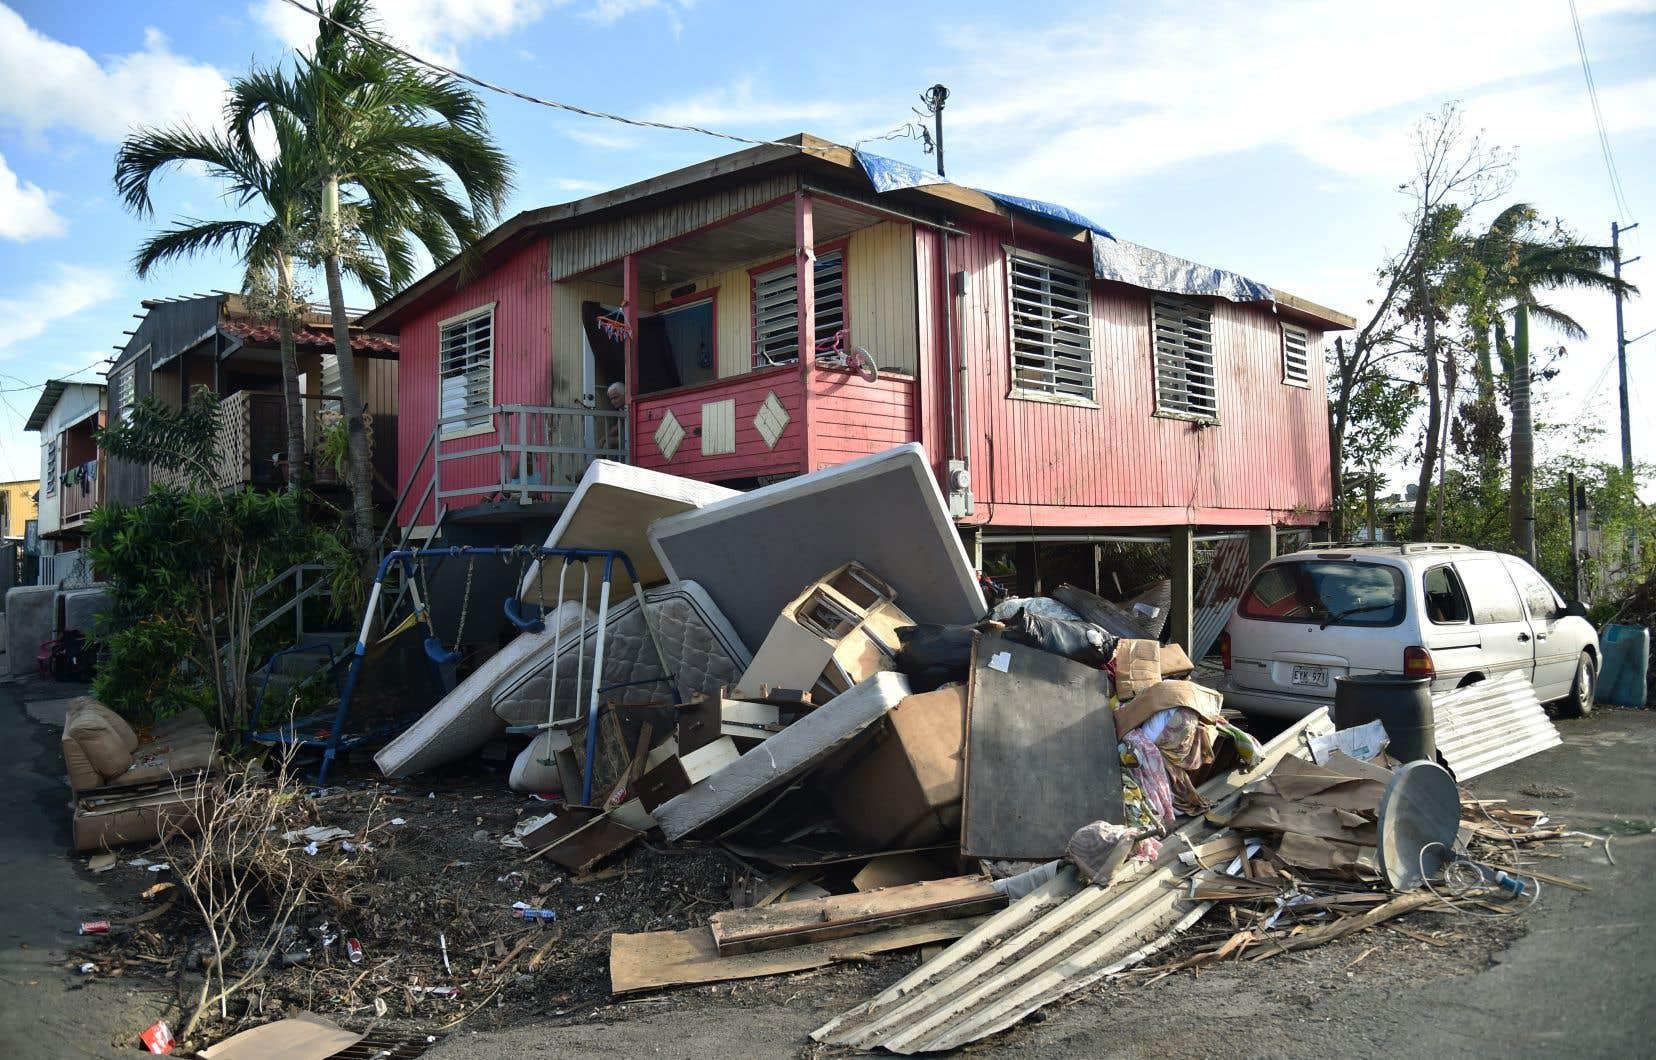 L'ouragan «Maria» a eu des effets ravageurs à Porto Rico, détruisant tout sur son passage.